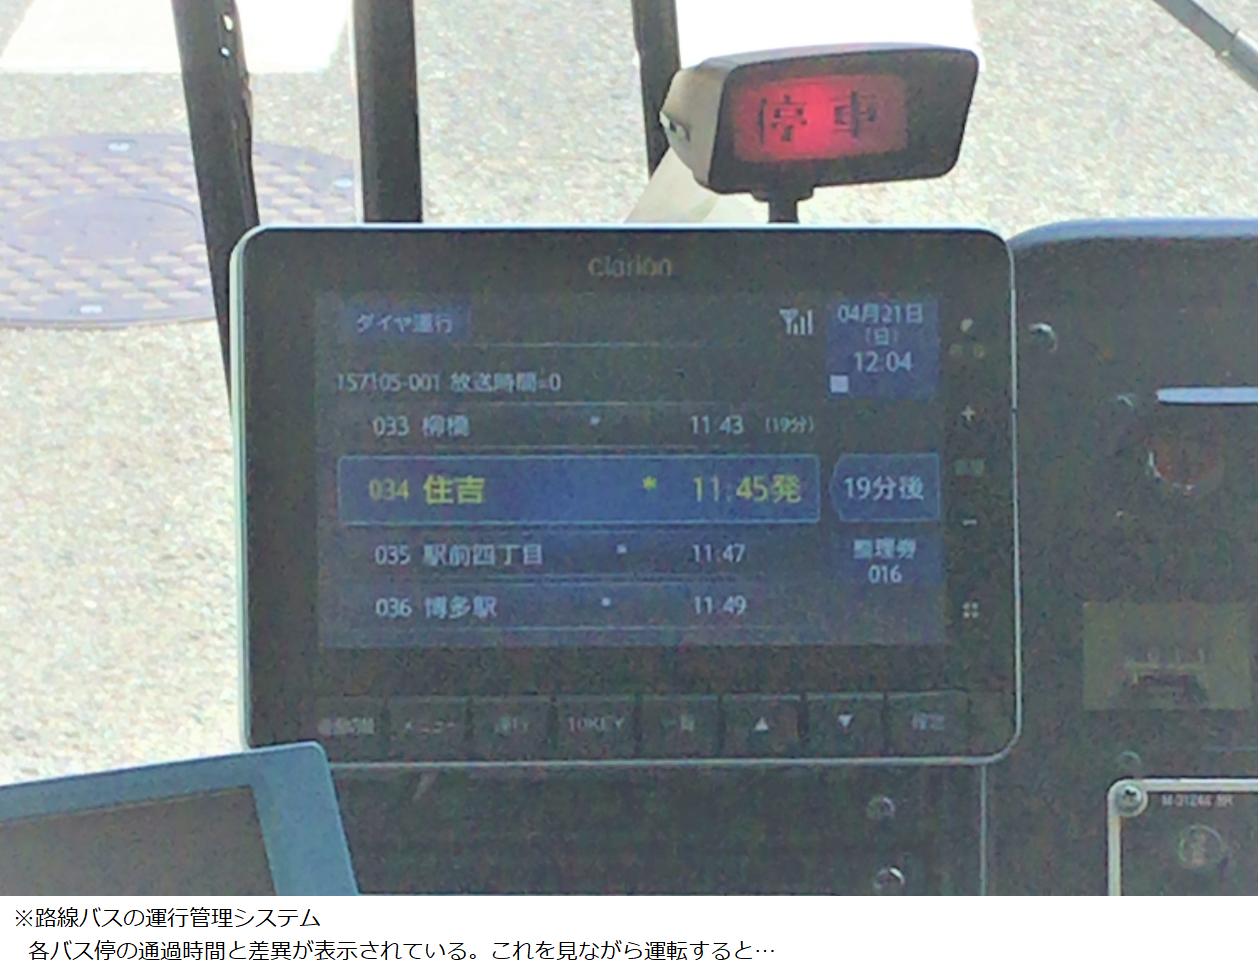 路線バスの運行管理システムの状況